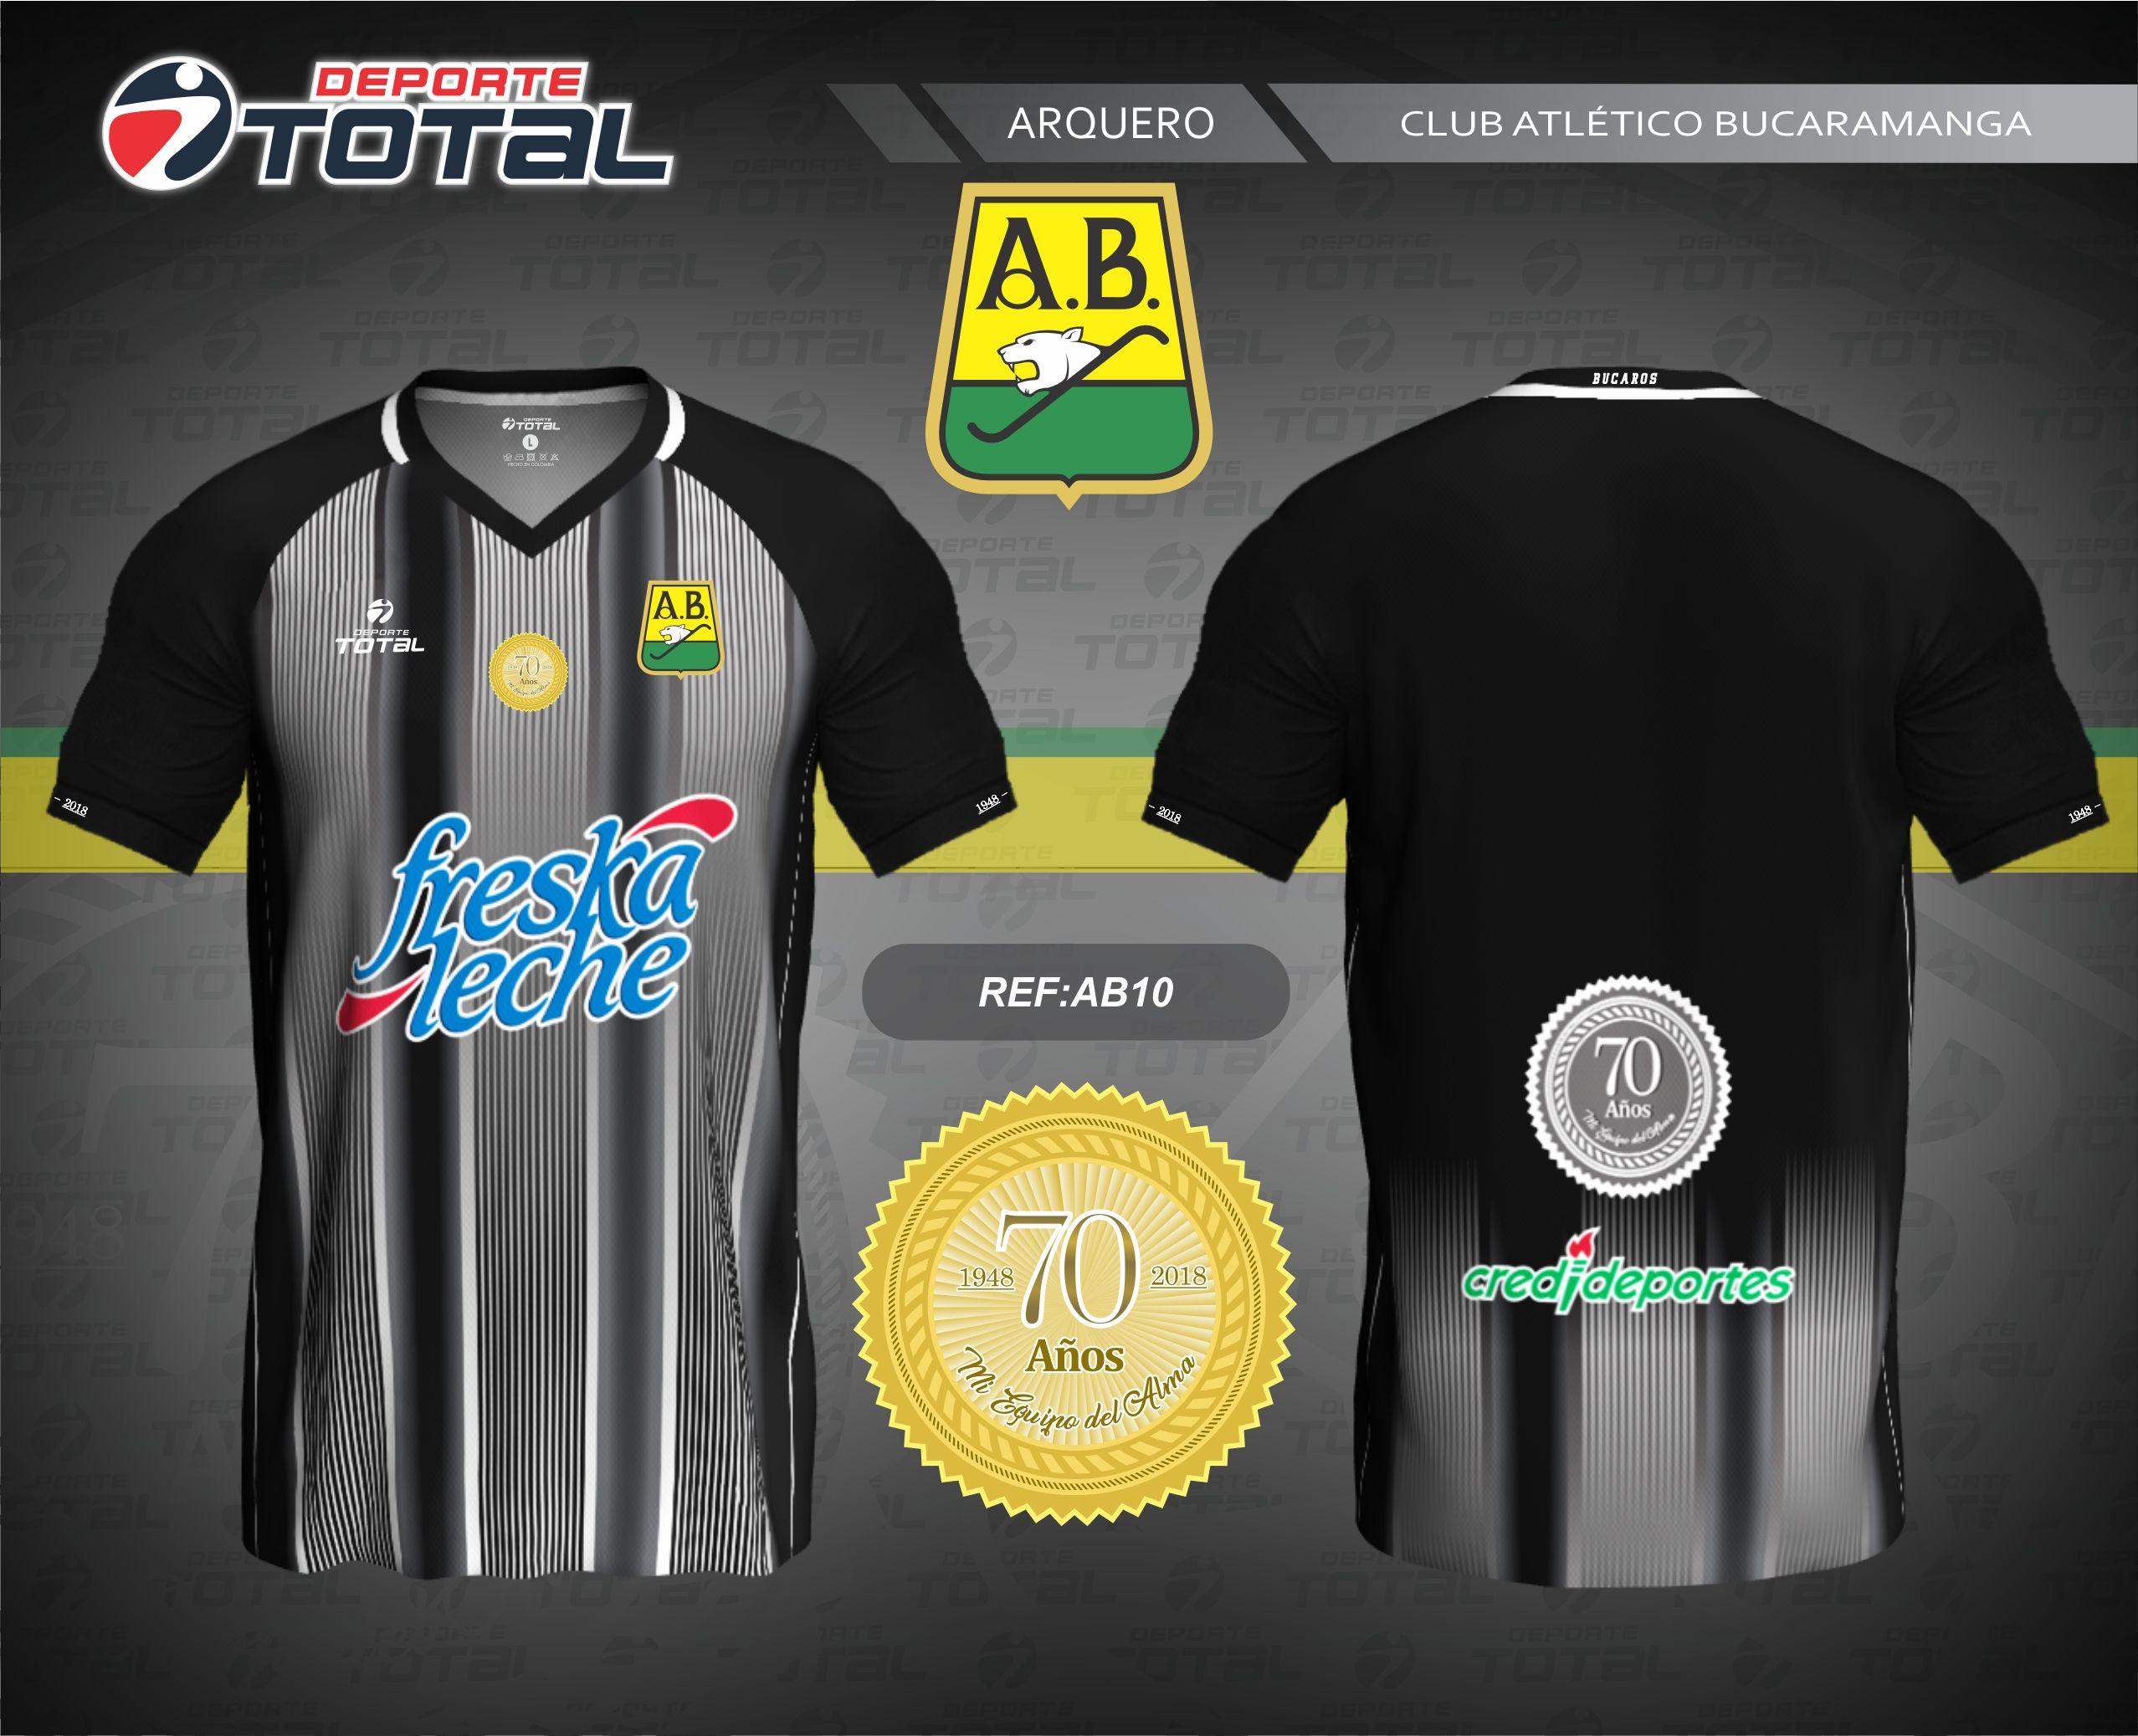 Camiseta de Arquero - deporte total-atletico bucaramanga- 2018-camiseta -uniforme- 85f323cfe5e17